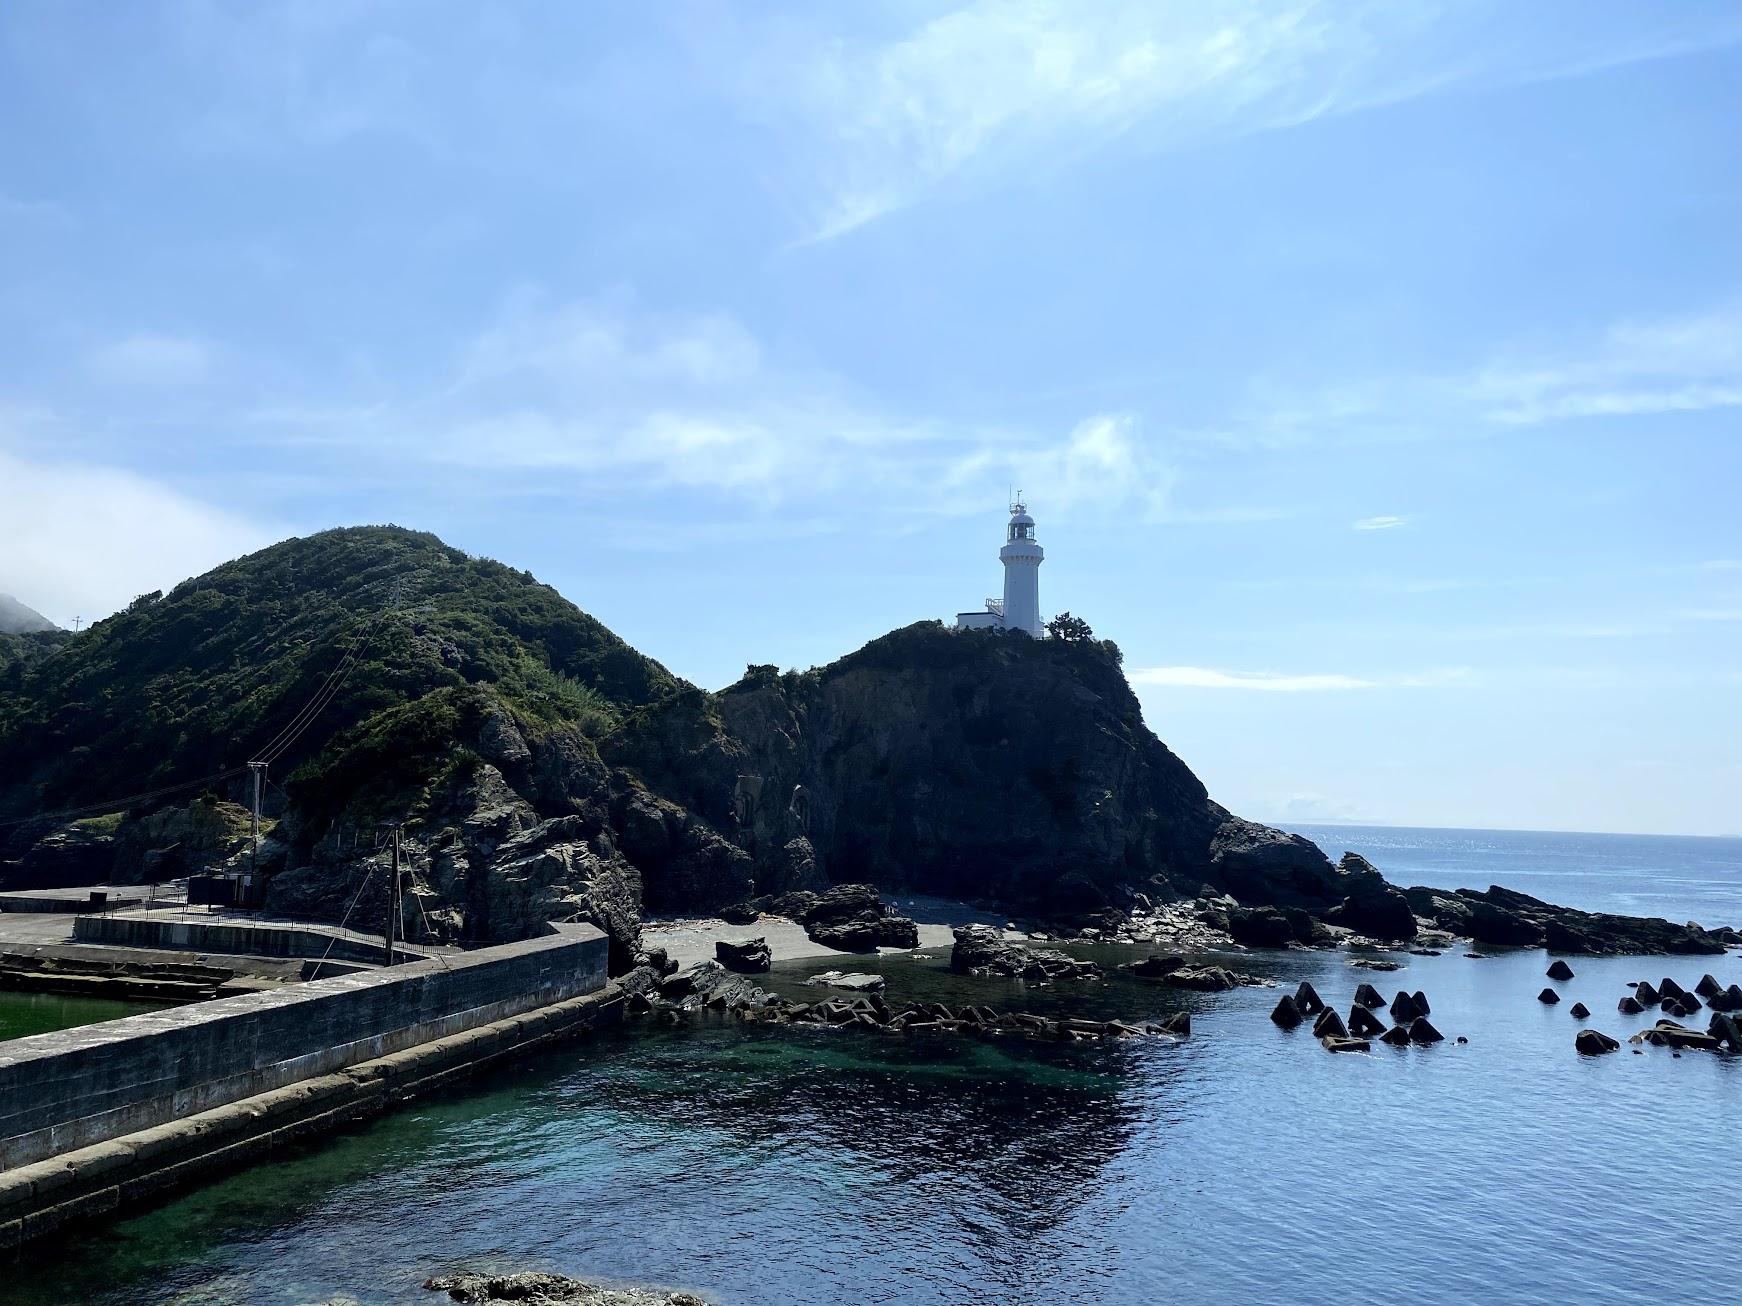 御籠島からの佐田岬灯台を見たところ